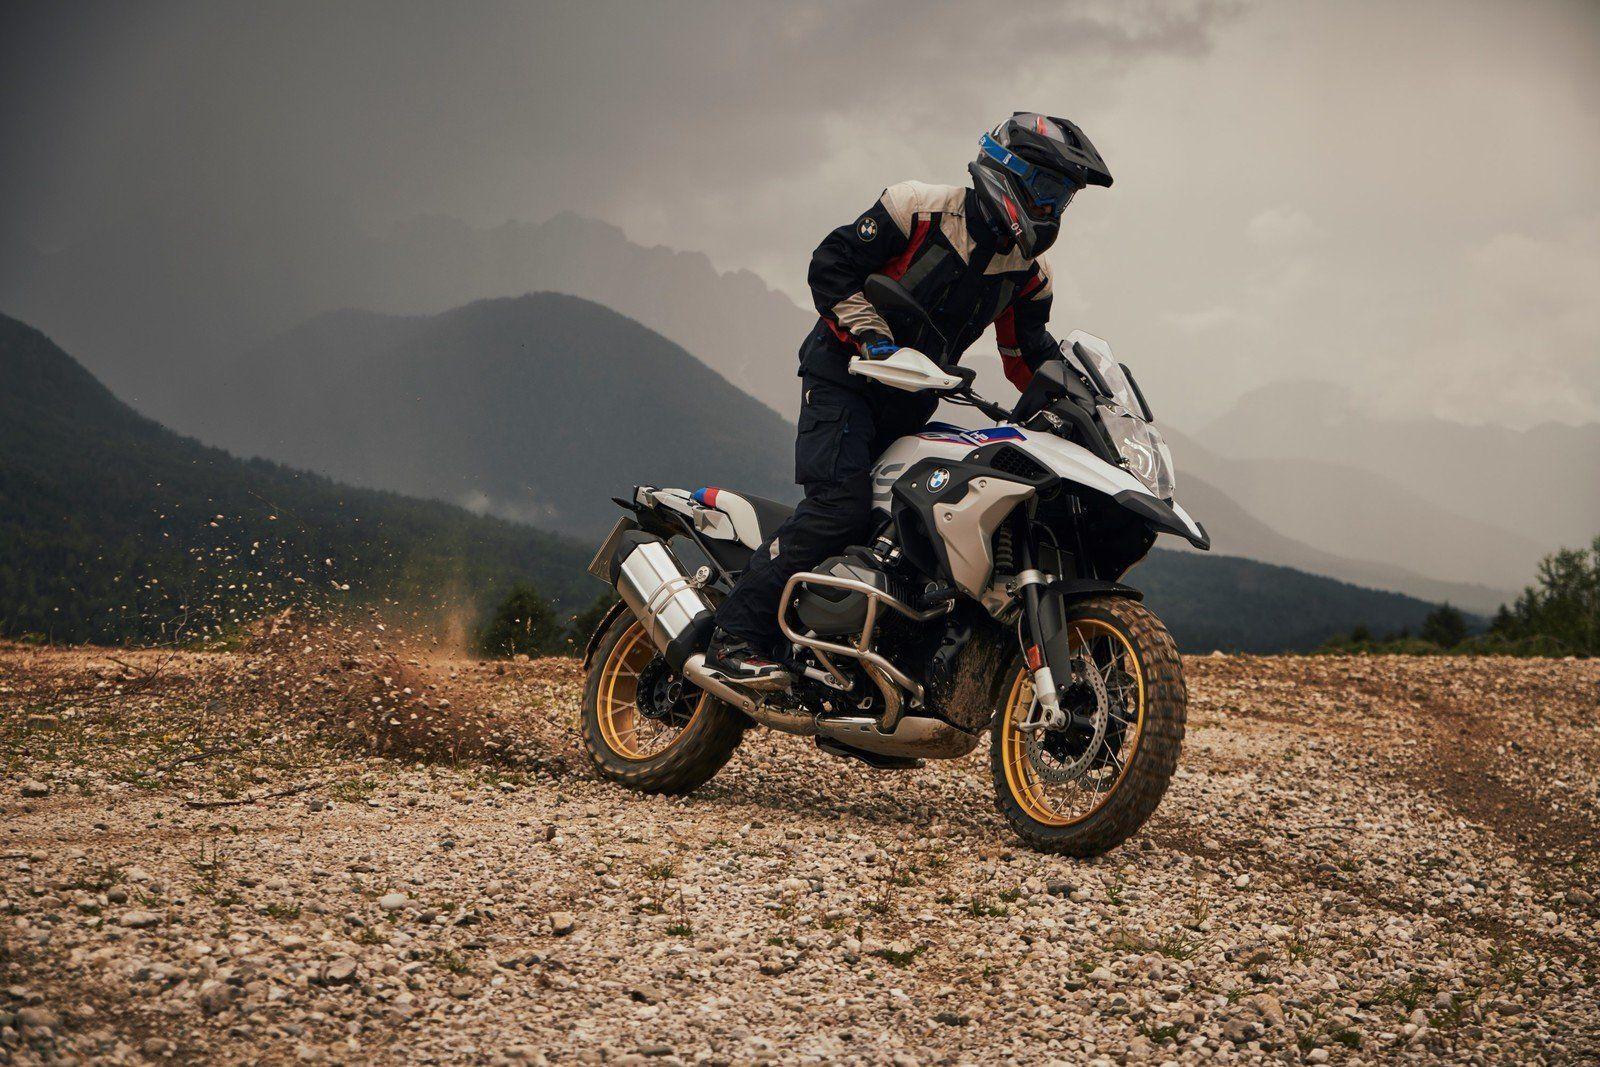 2019 Bmw R 1250 Gs Avec Images Aventure Moto